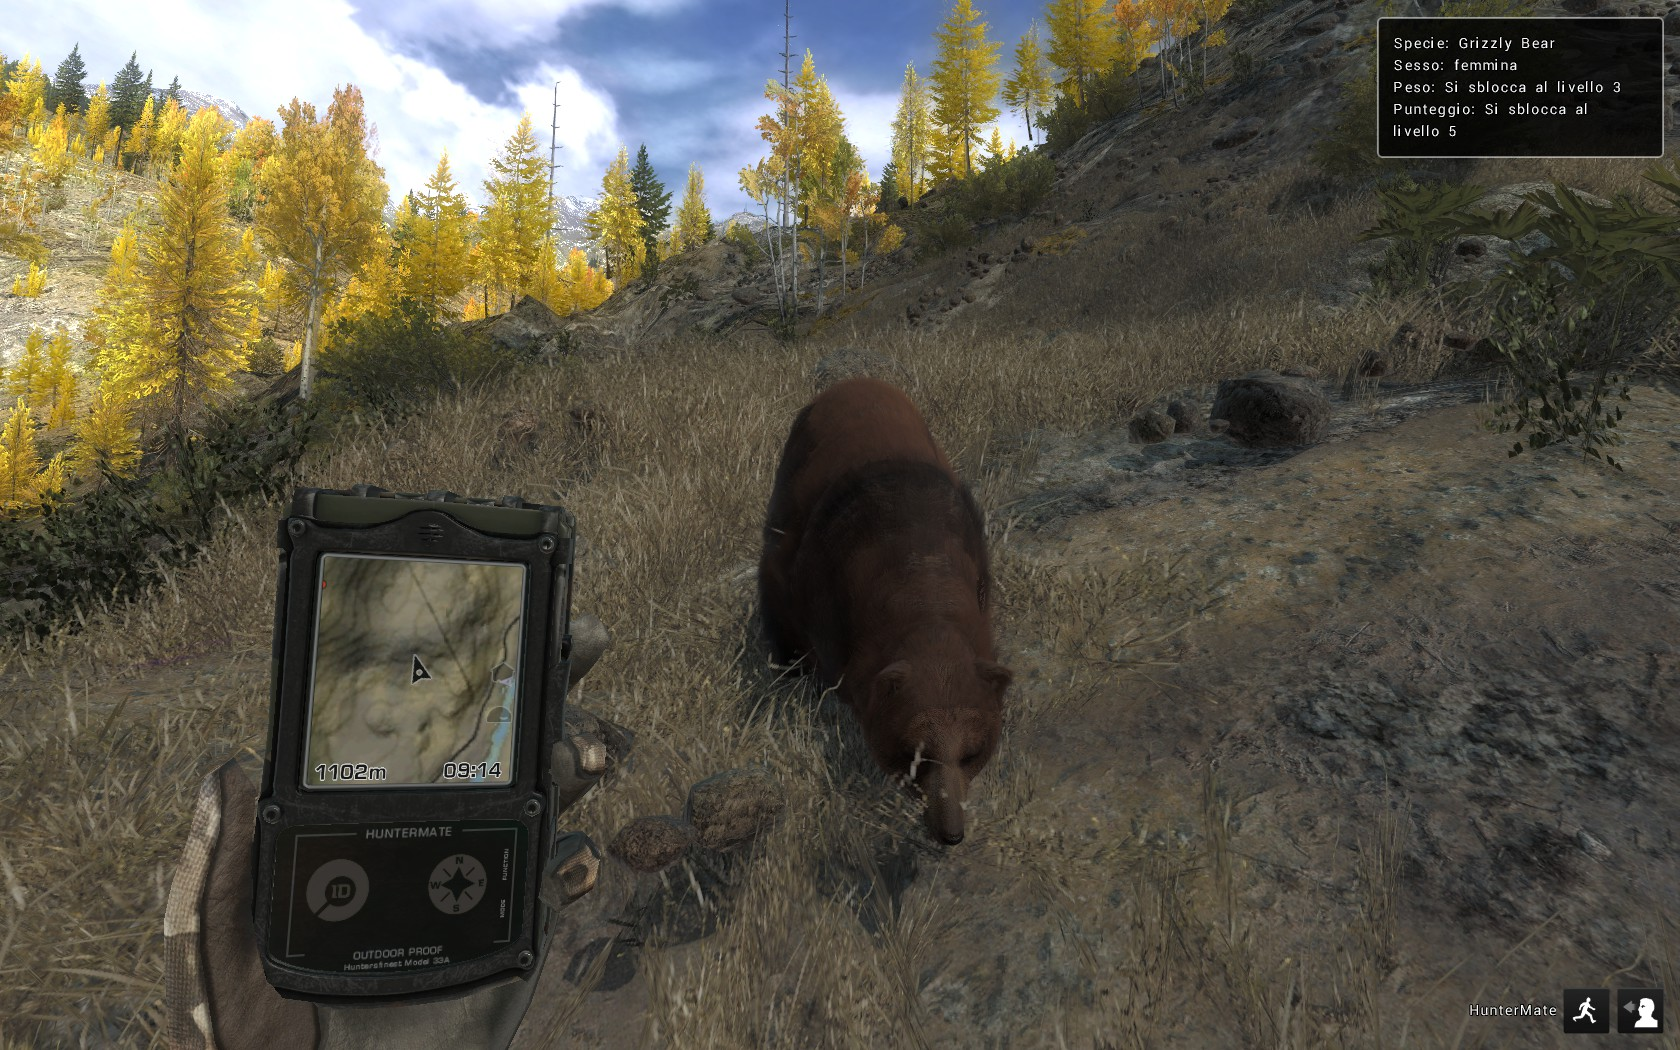 Grizzly Bear Attacchi e animazioni 6CD5963584D33840DFD0B2C8CAEAC0820DBA71F9